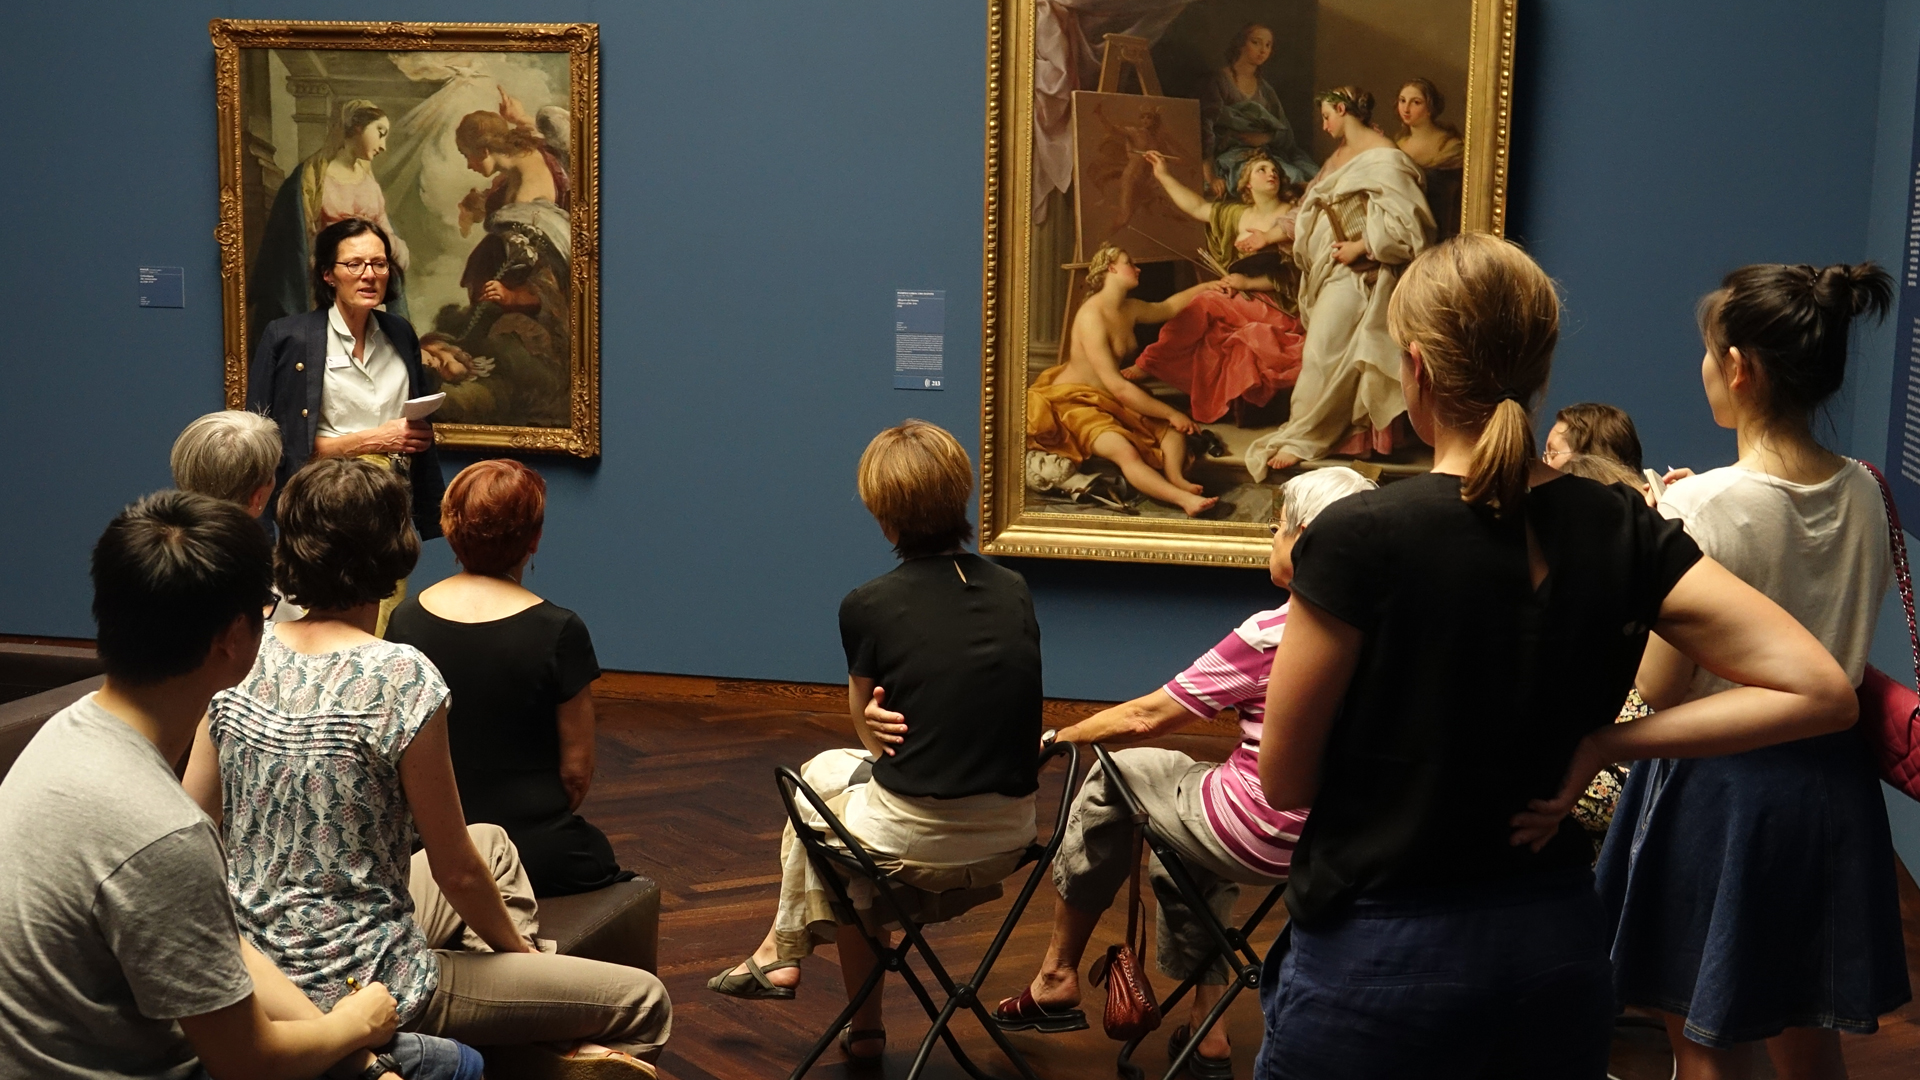 Kunsthistorikerin Rita Delhées (links, stehend) bringt Interessierten ein Kunstwerk näher